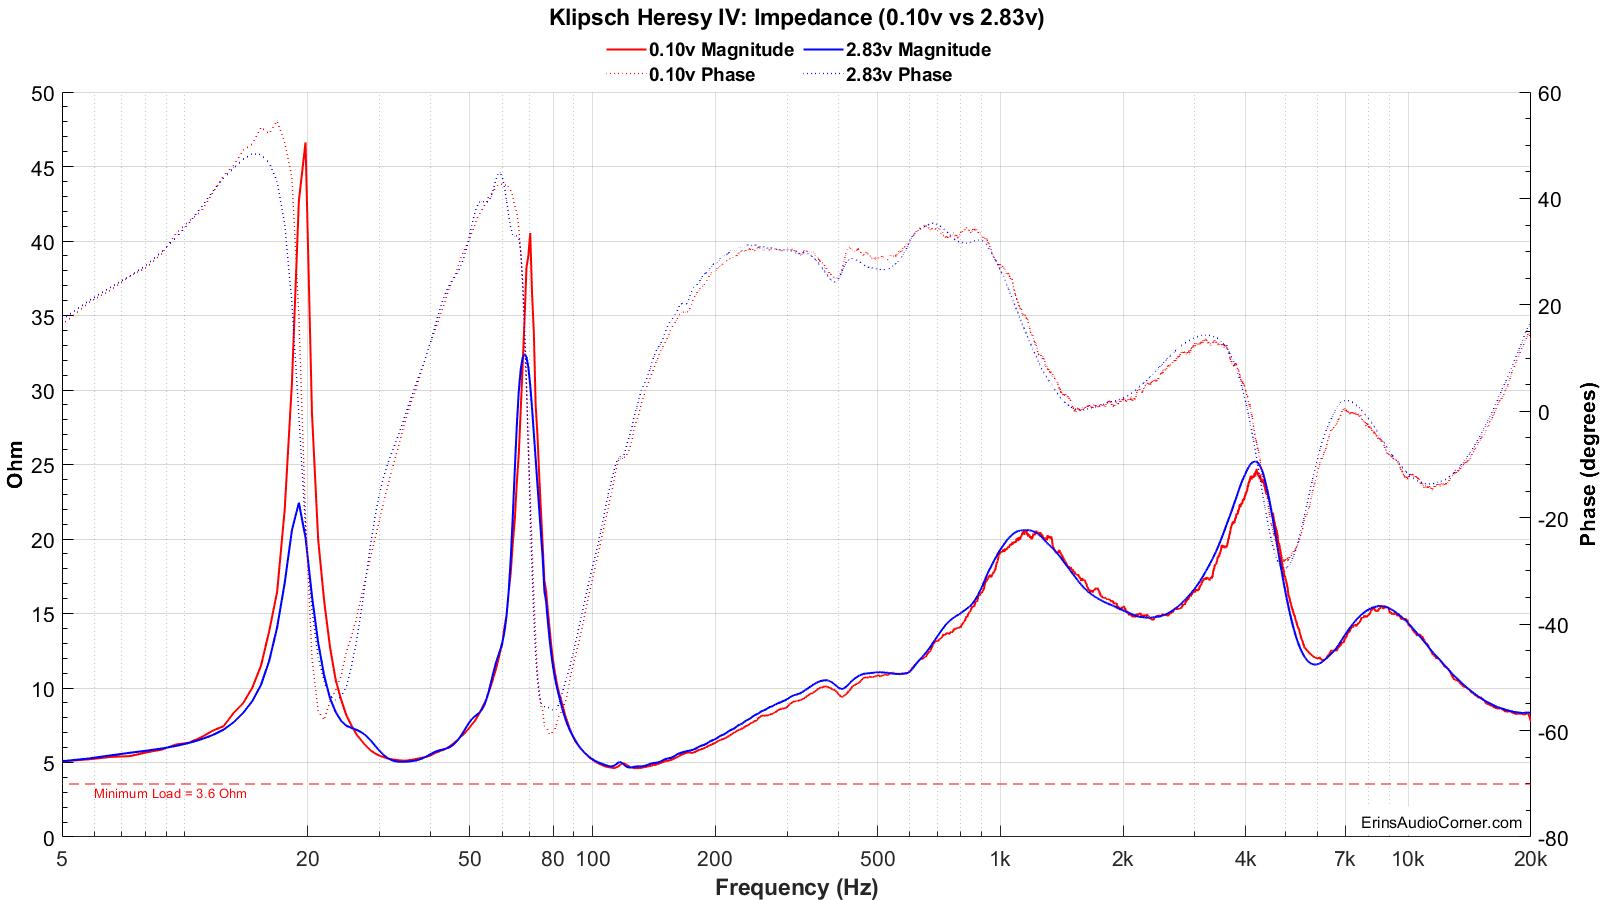 Klipsch Heresy IV_Impedance_0.1v_&_2.83v.png